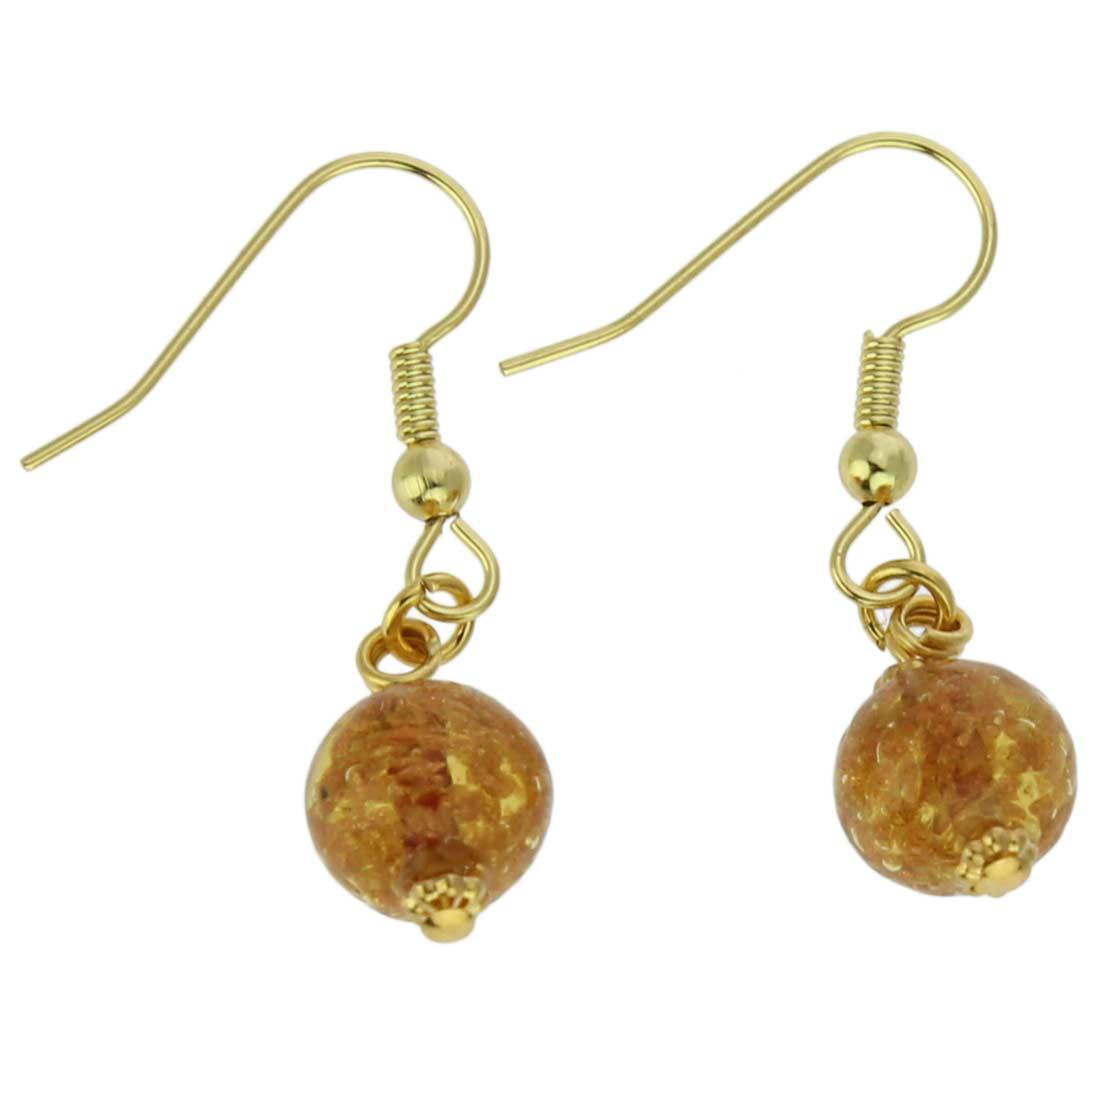 Starlight Balls Earrings - Light Topaz